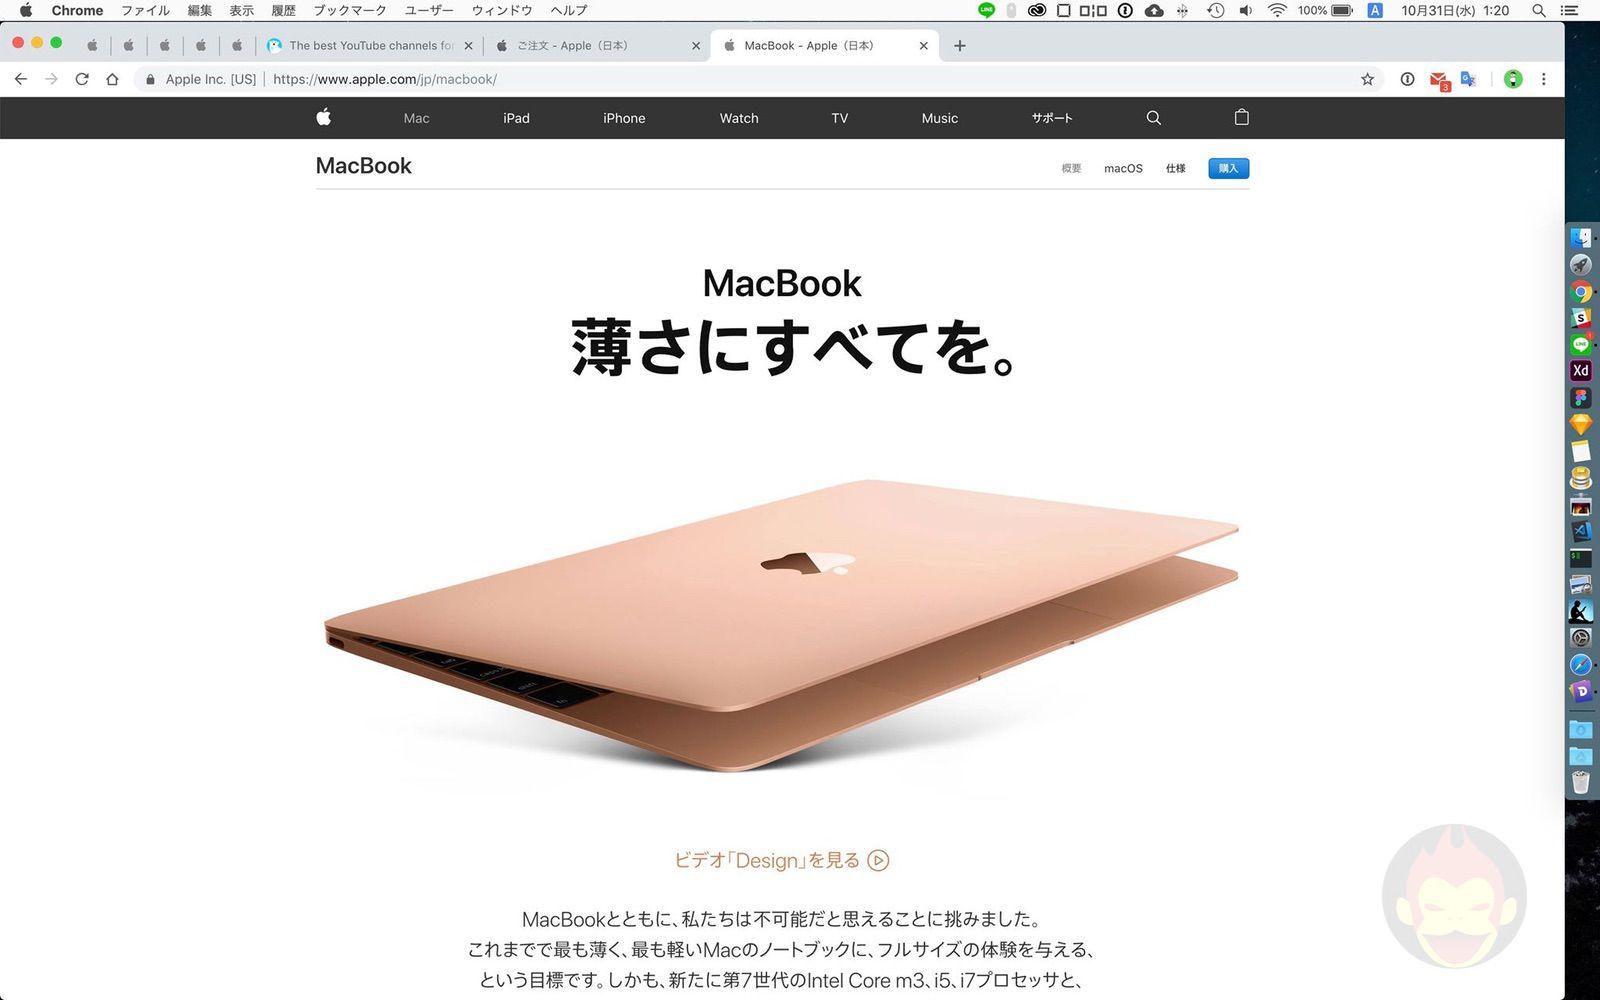 MacBook-12inch-model-loses-rose-gold-03.jpg